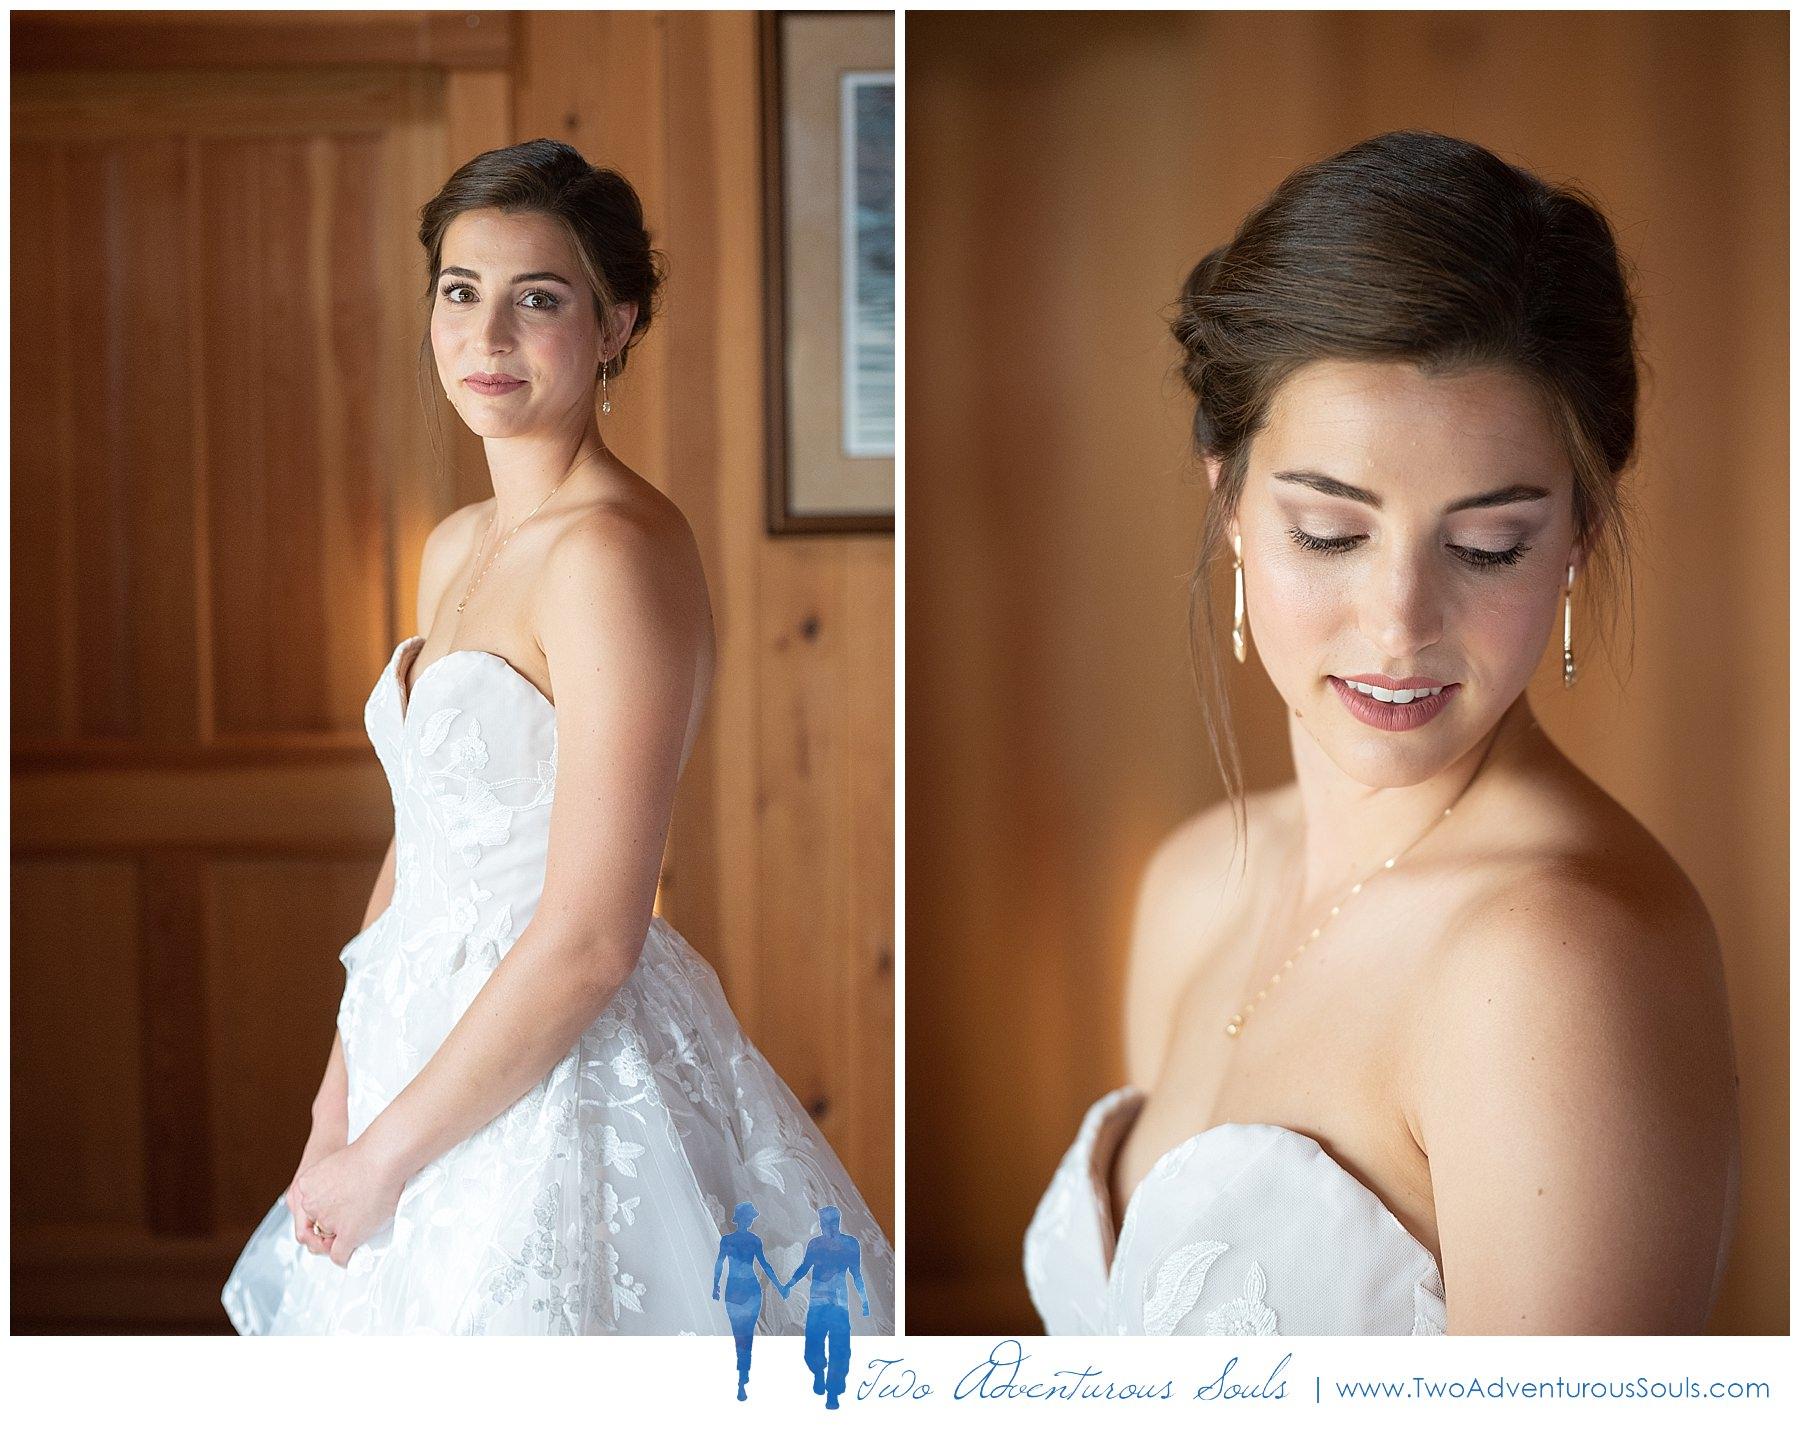 Maine Wedding Photographers, Granite Ridge Estate Wedding Photographers, Two Adventurous Souls - 080319_0013.jpg